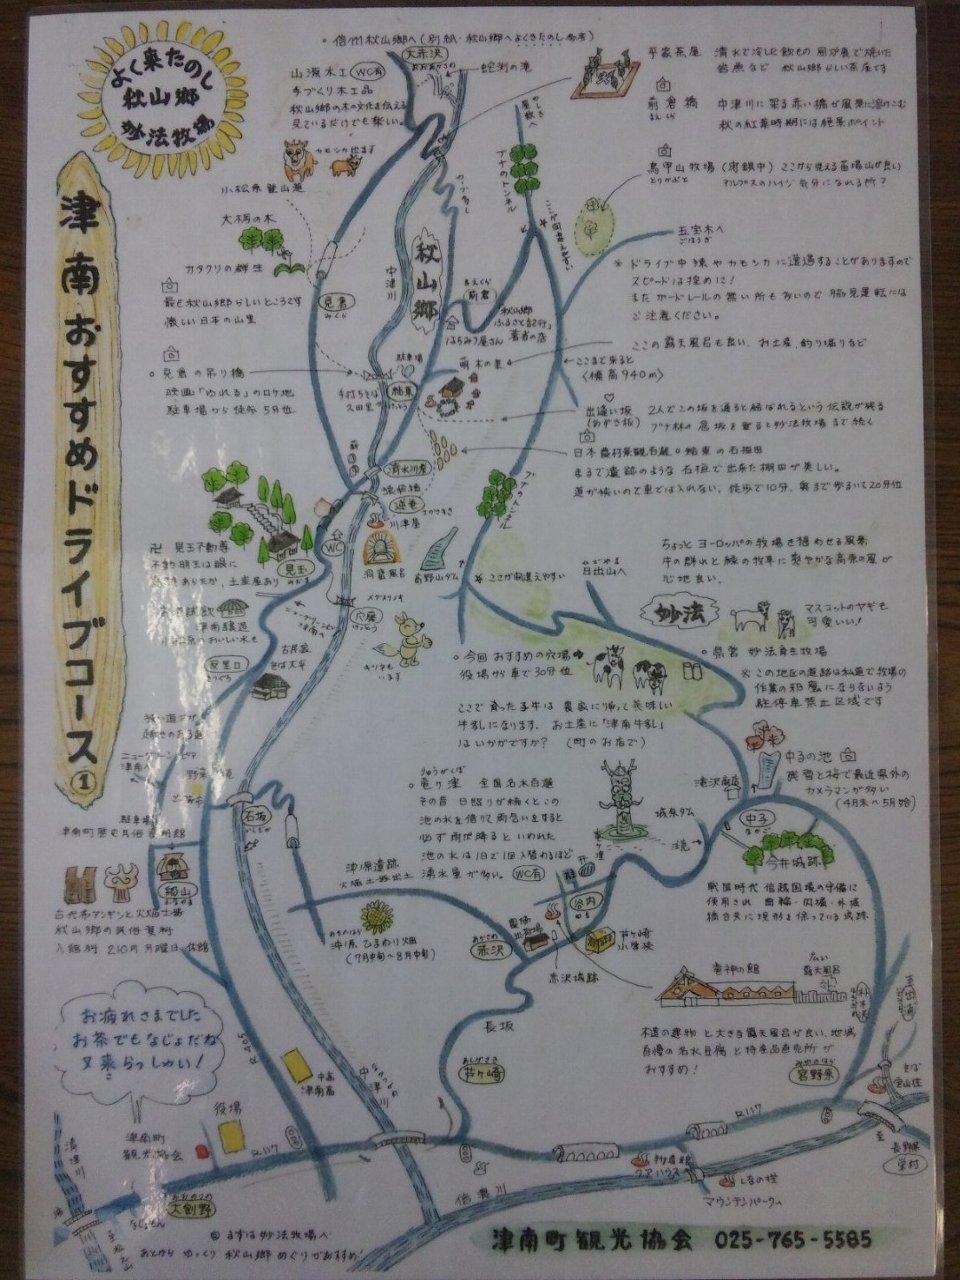 こういった手書きの案内地図、地元の人が薦めている感じが前面に出ている感じで大好きです。